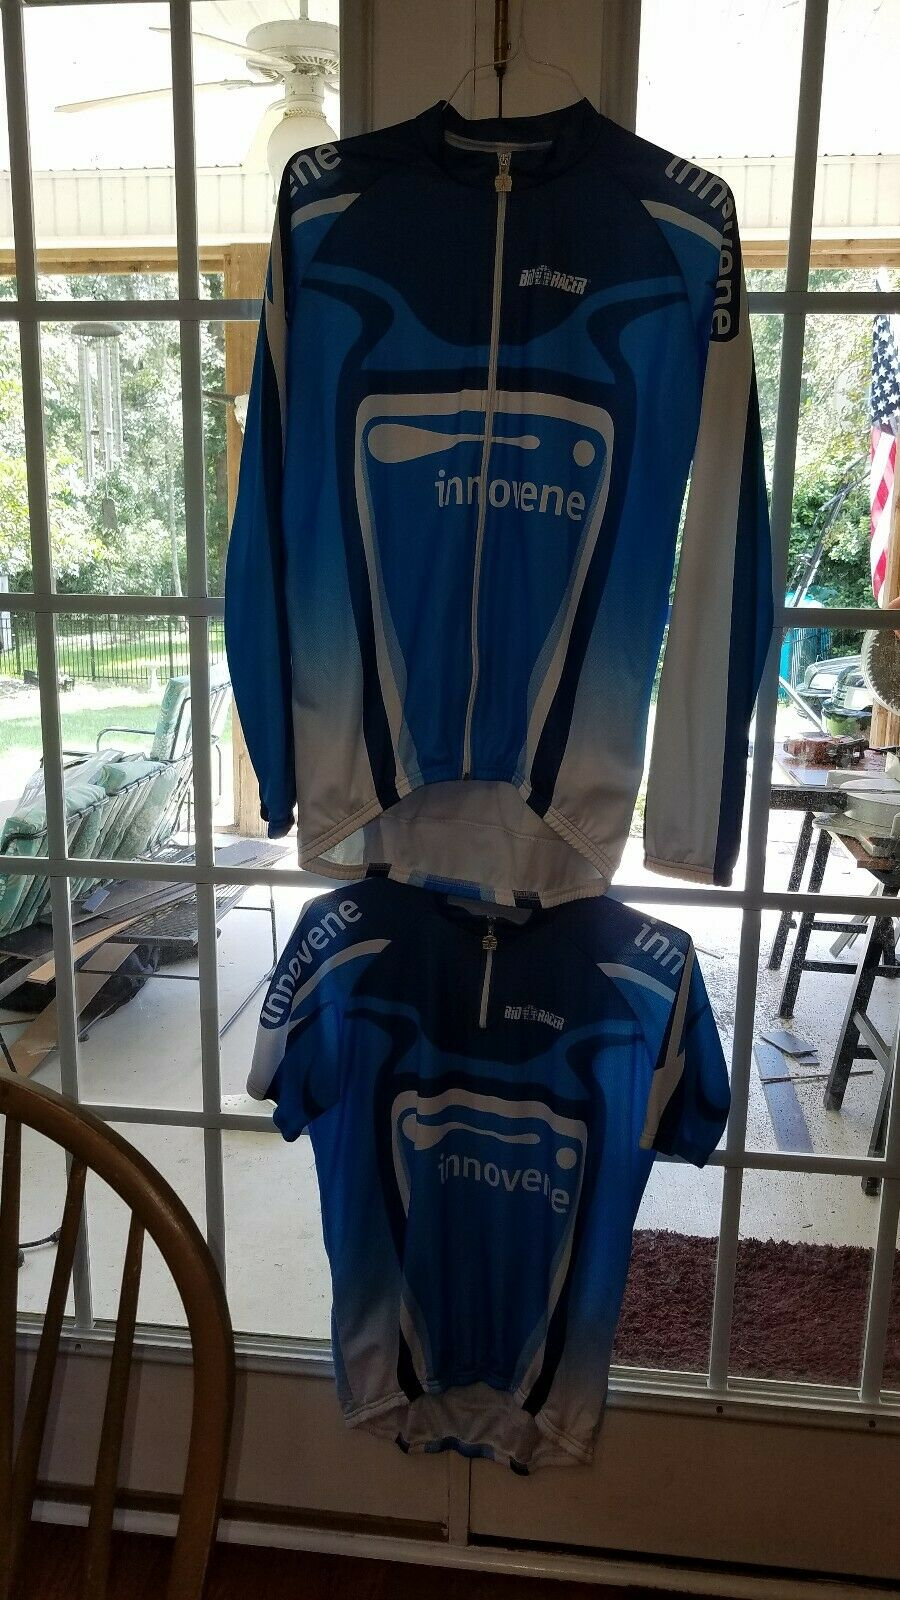 BIORACER Belgique Maillot de cyclisme à hommeches courtes et hommeches longues taille 6 polyethylene